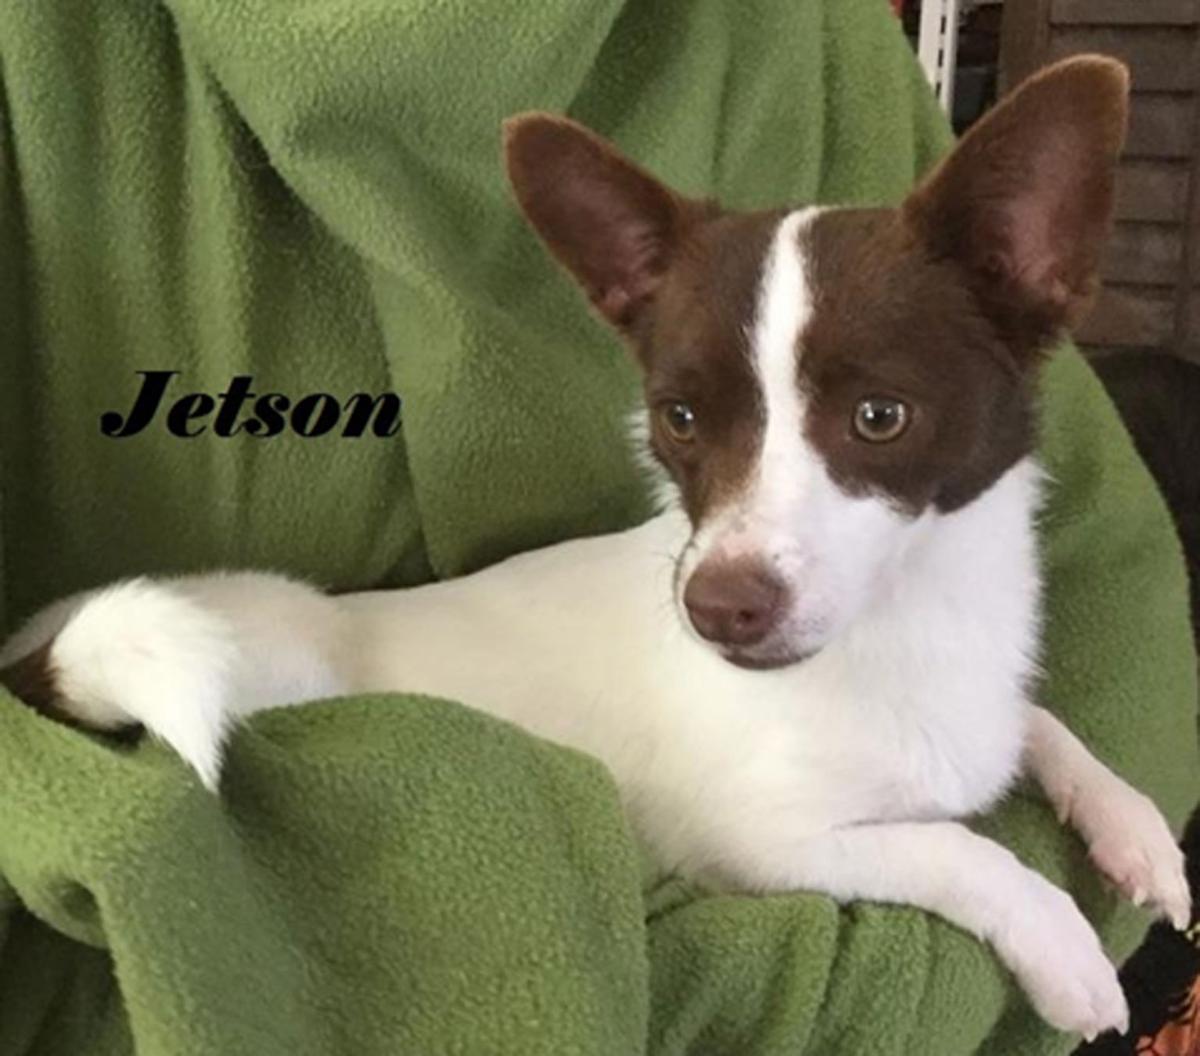 Take me home Jetson